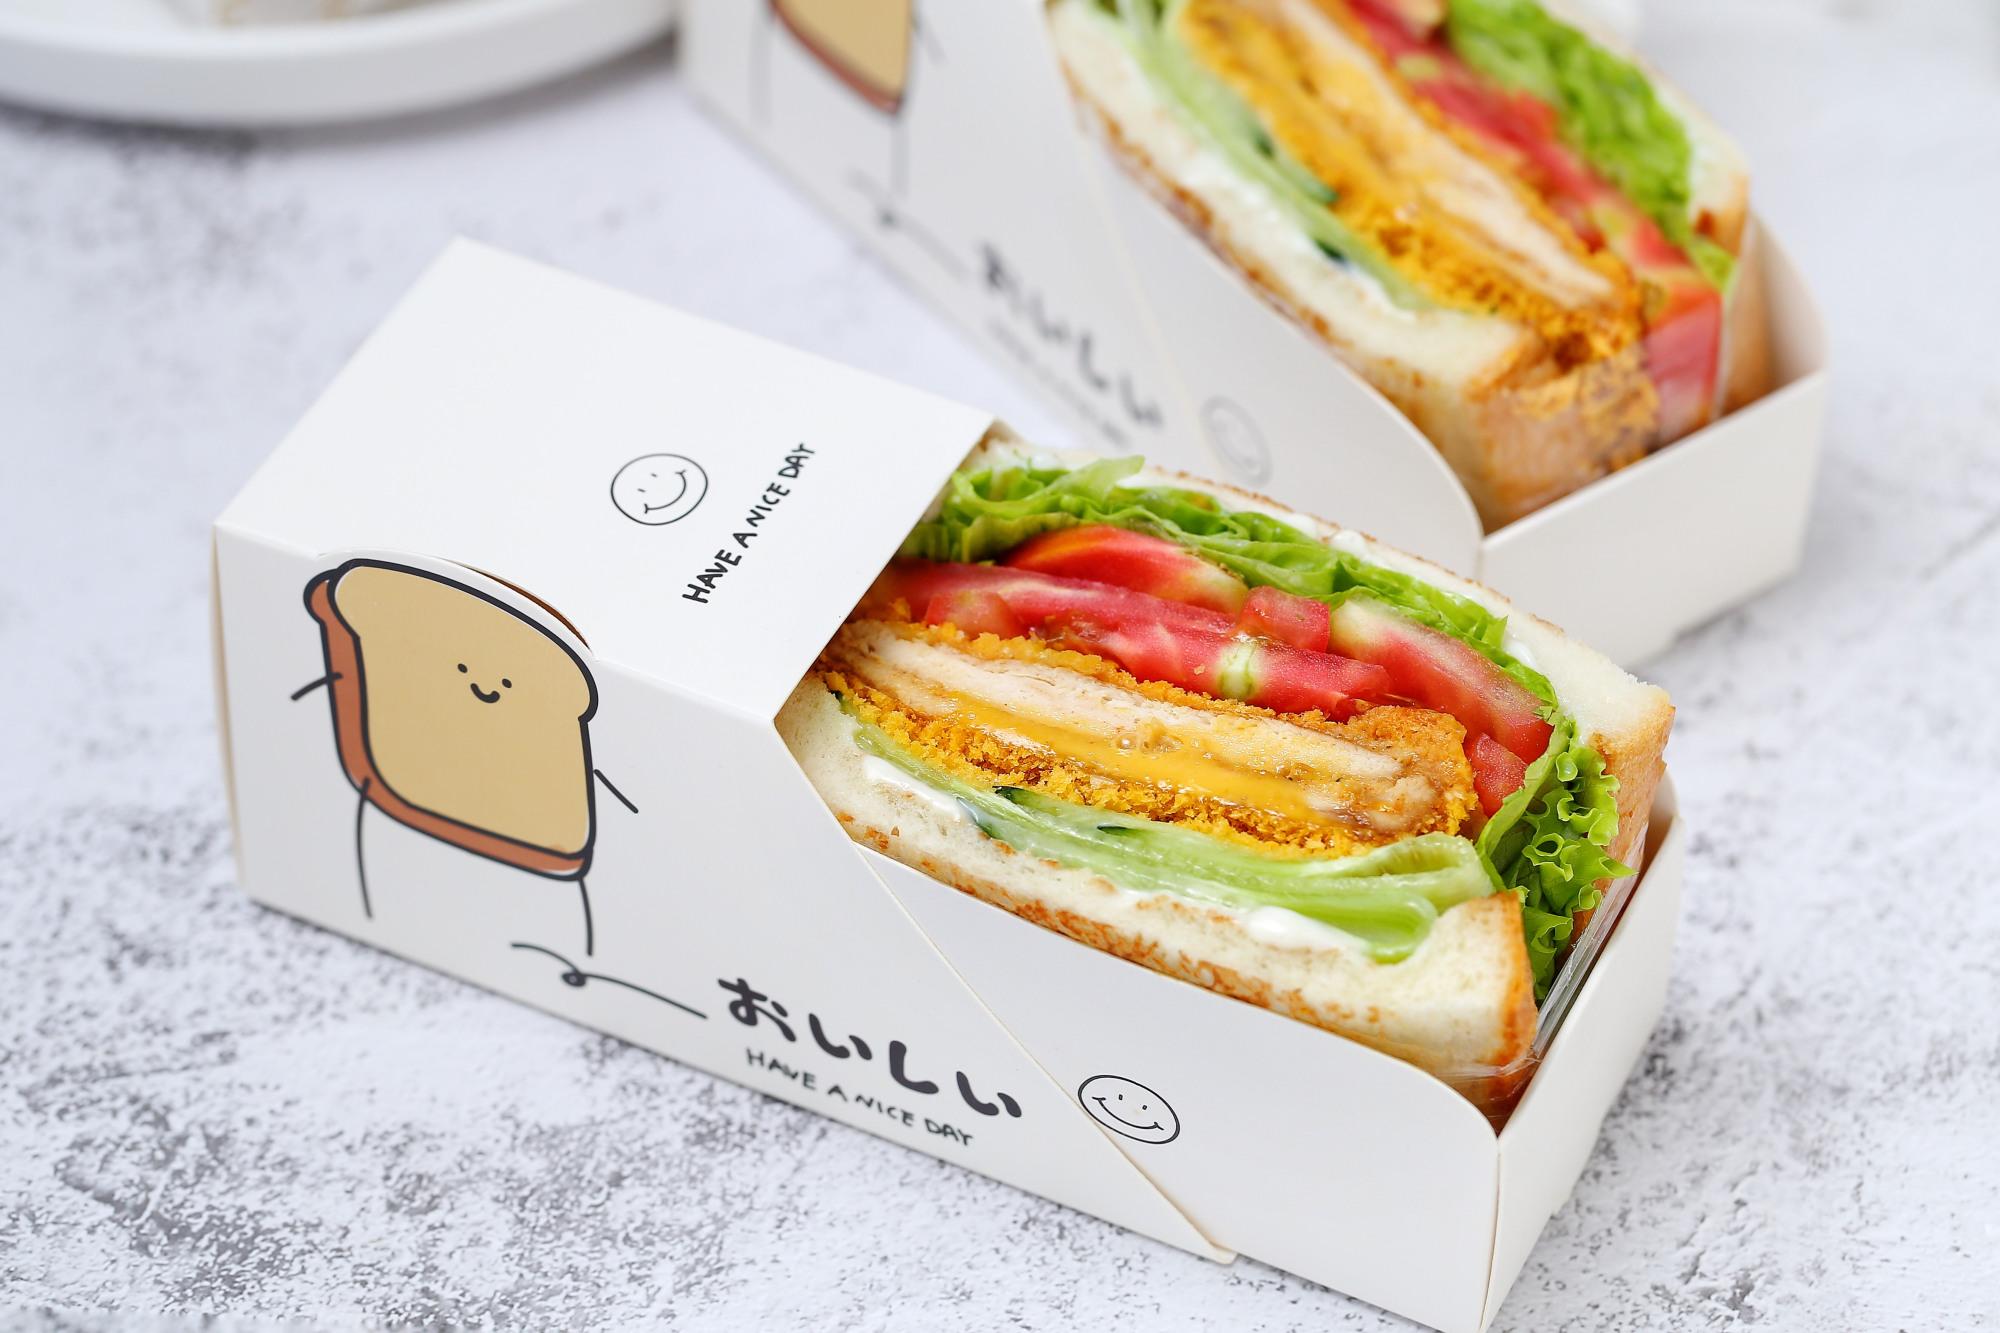 自制无油爆浆鸡排三明治,干净卫生比外卖健康,少花钱吃得还过瘾 美食做法 第15张